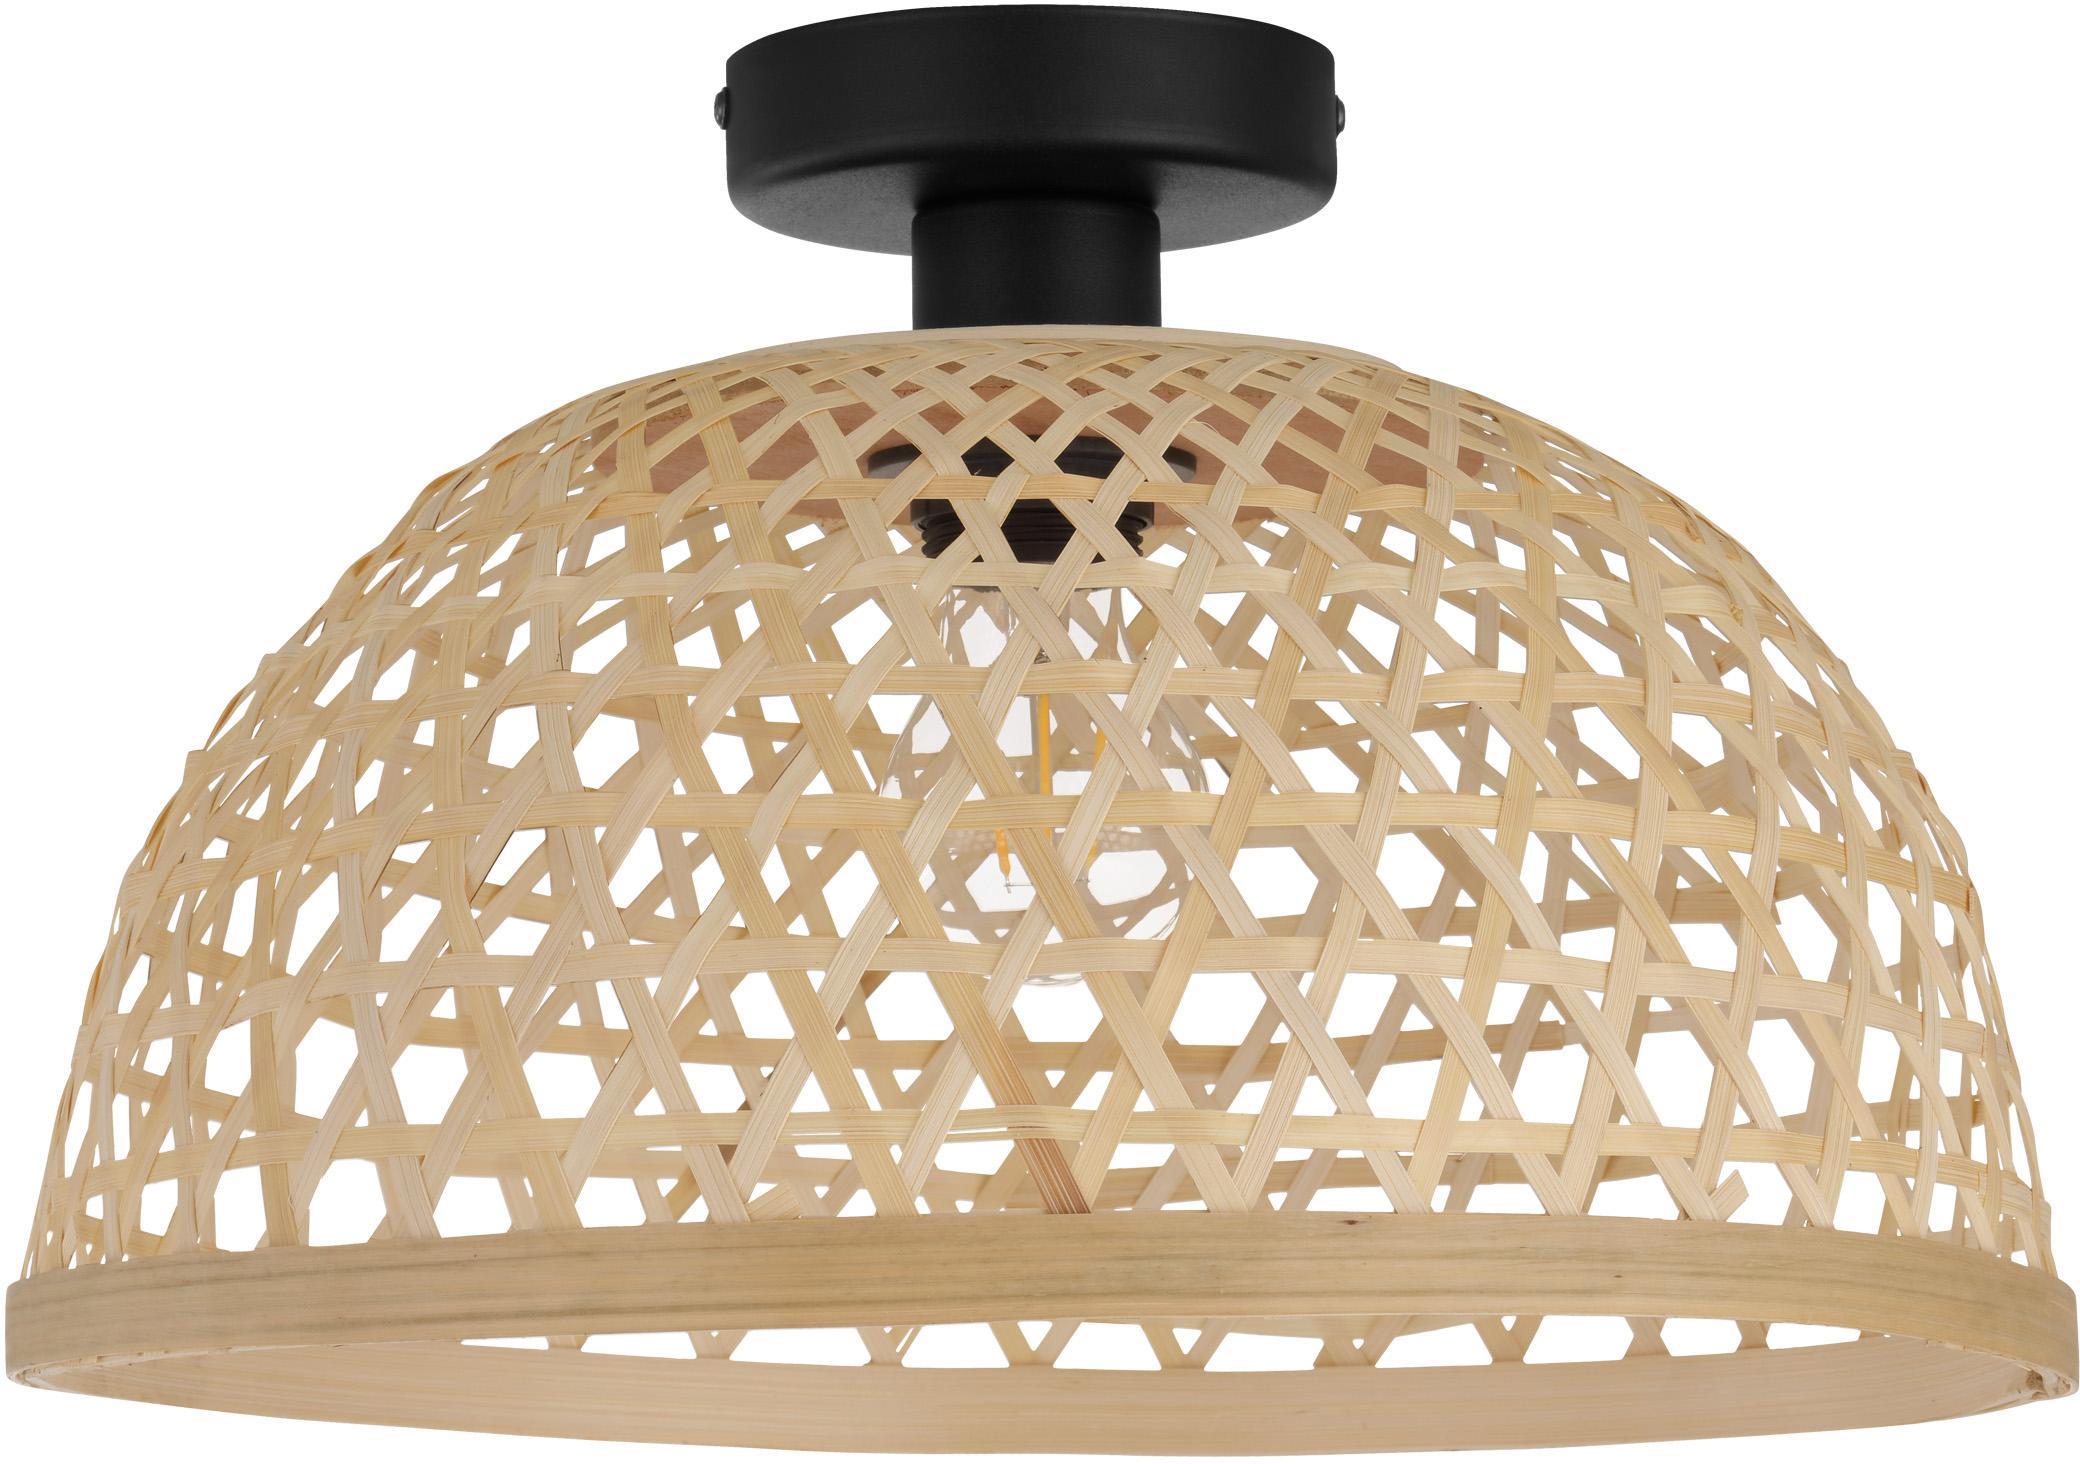 Plafondlamp Claverdon van bamboehout, Lampenkap: bamboehout, Baldakijn: gelakt metaal, Lichtbruin, Ø 37 cm